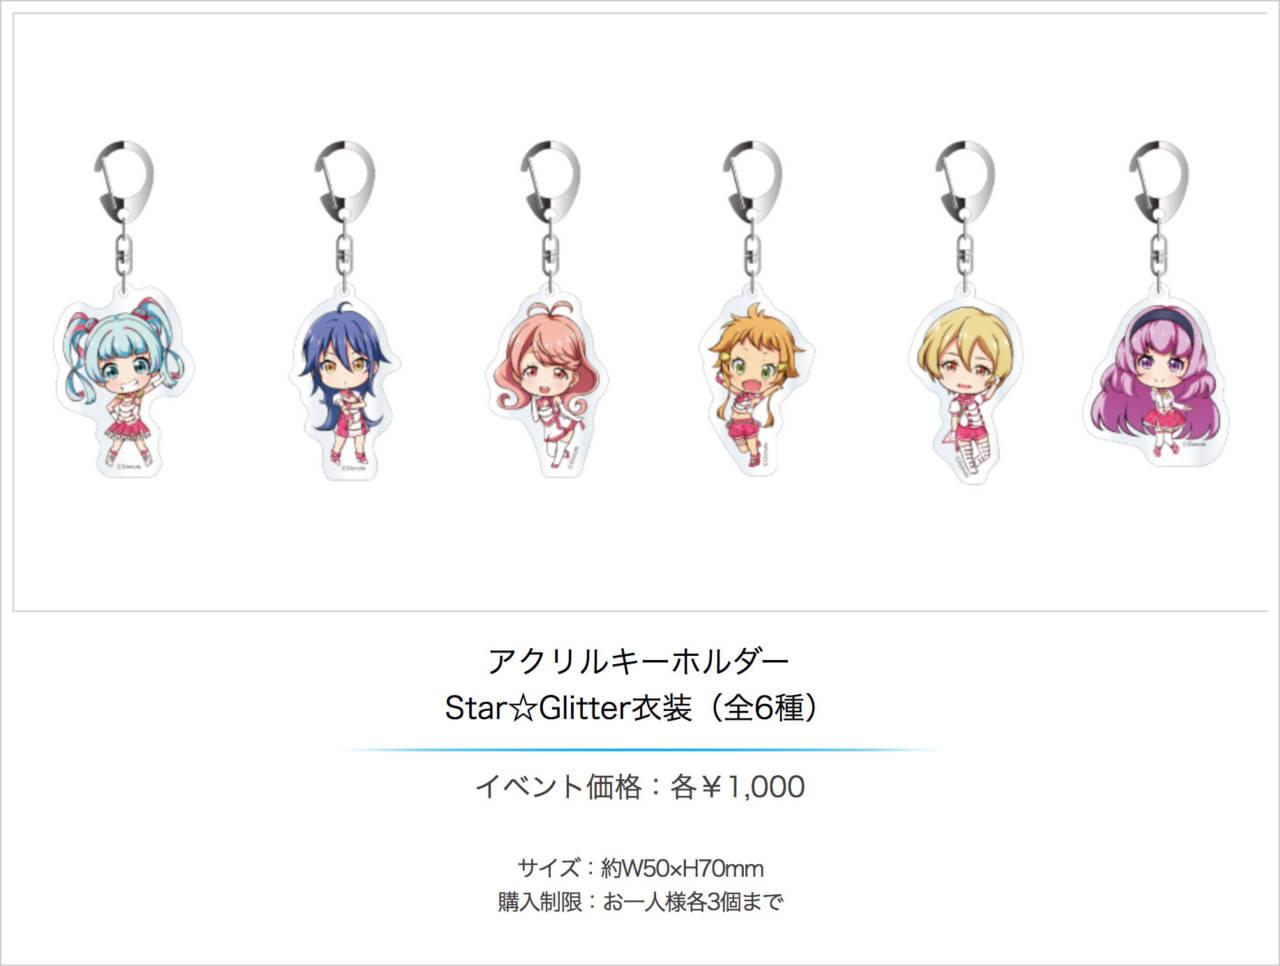 ナナシス C92 冬コミ アクリルキーホルダー Star☆Glitter衣装